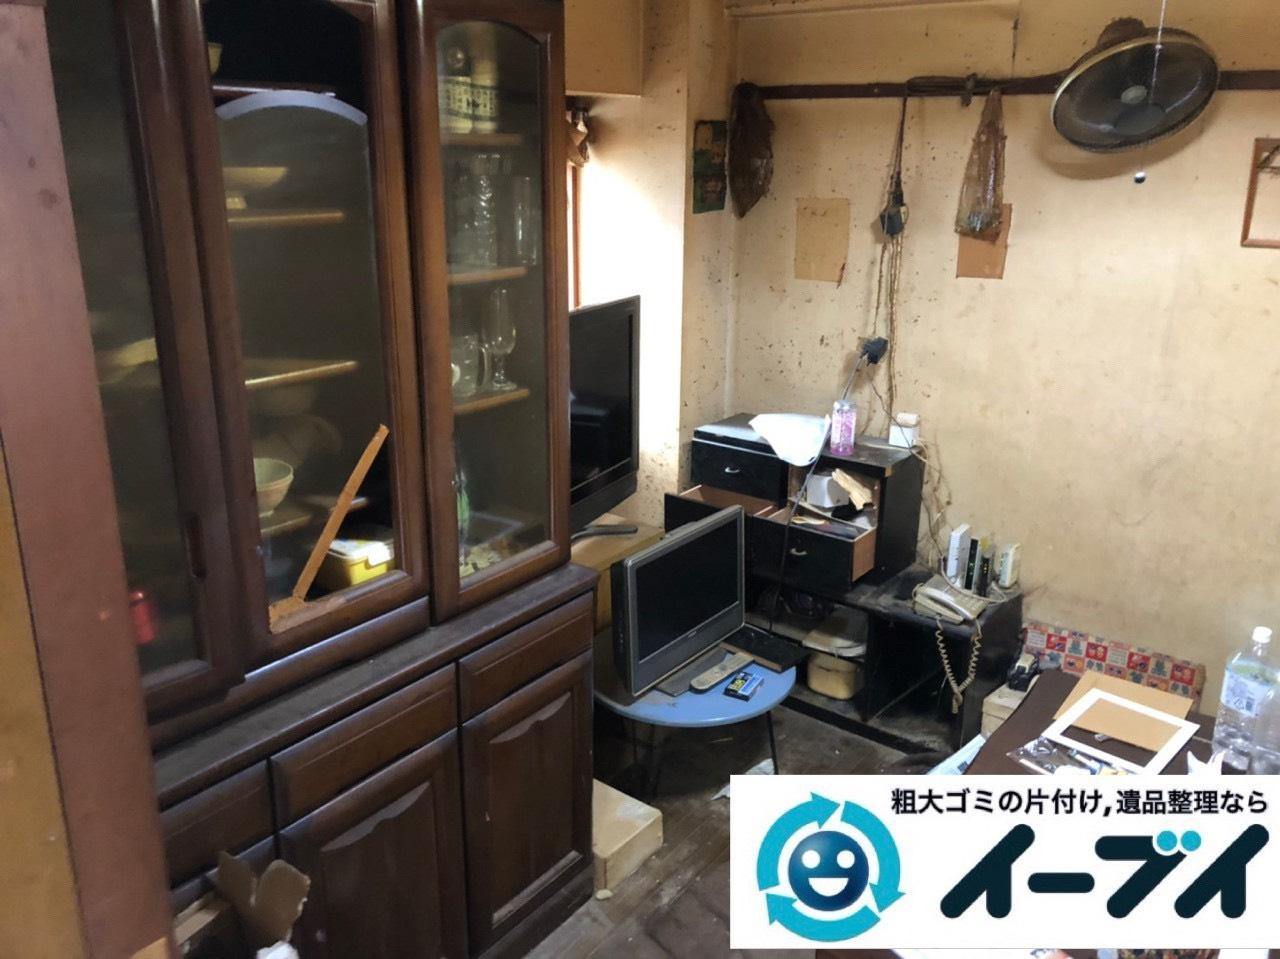 2019年6月28日大阪府吹田市で食器棚の大型家具やテレビの家電処分の不用品回収。写真2